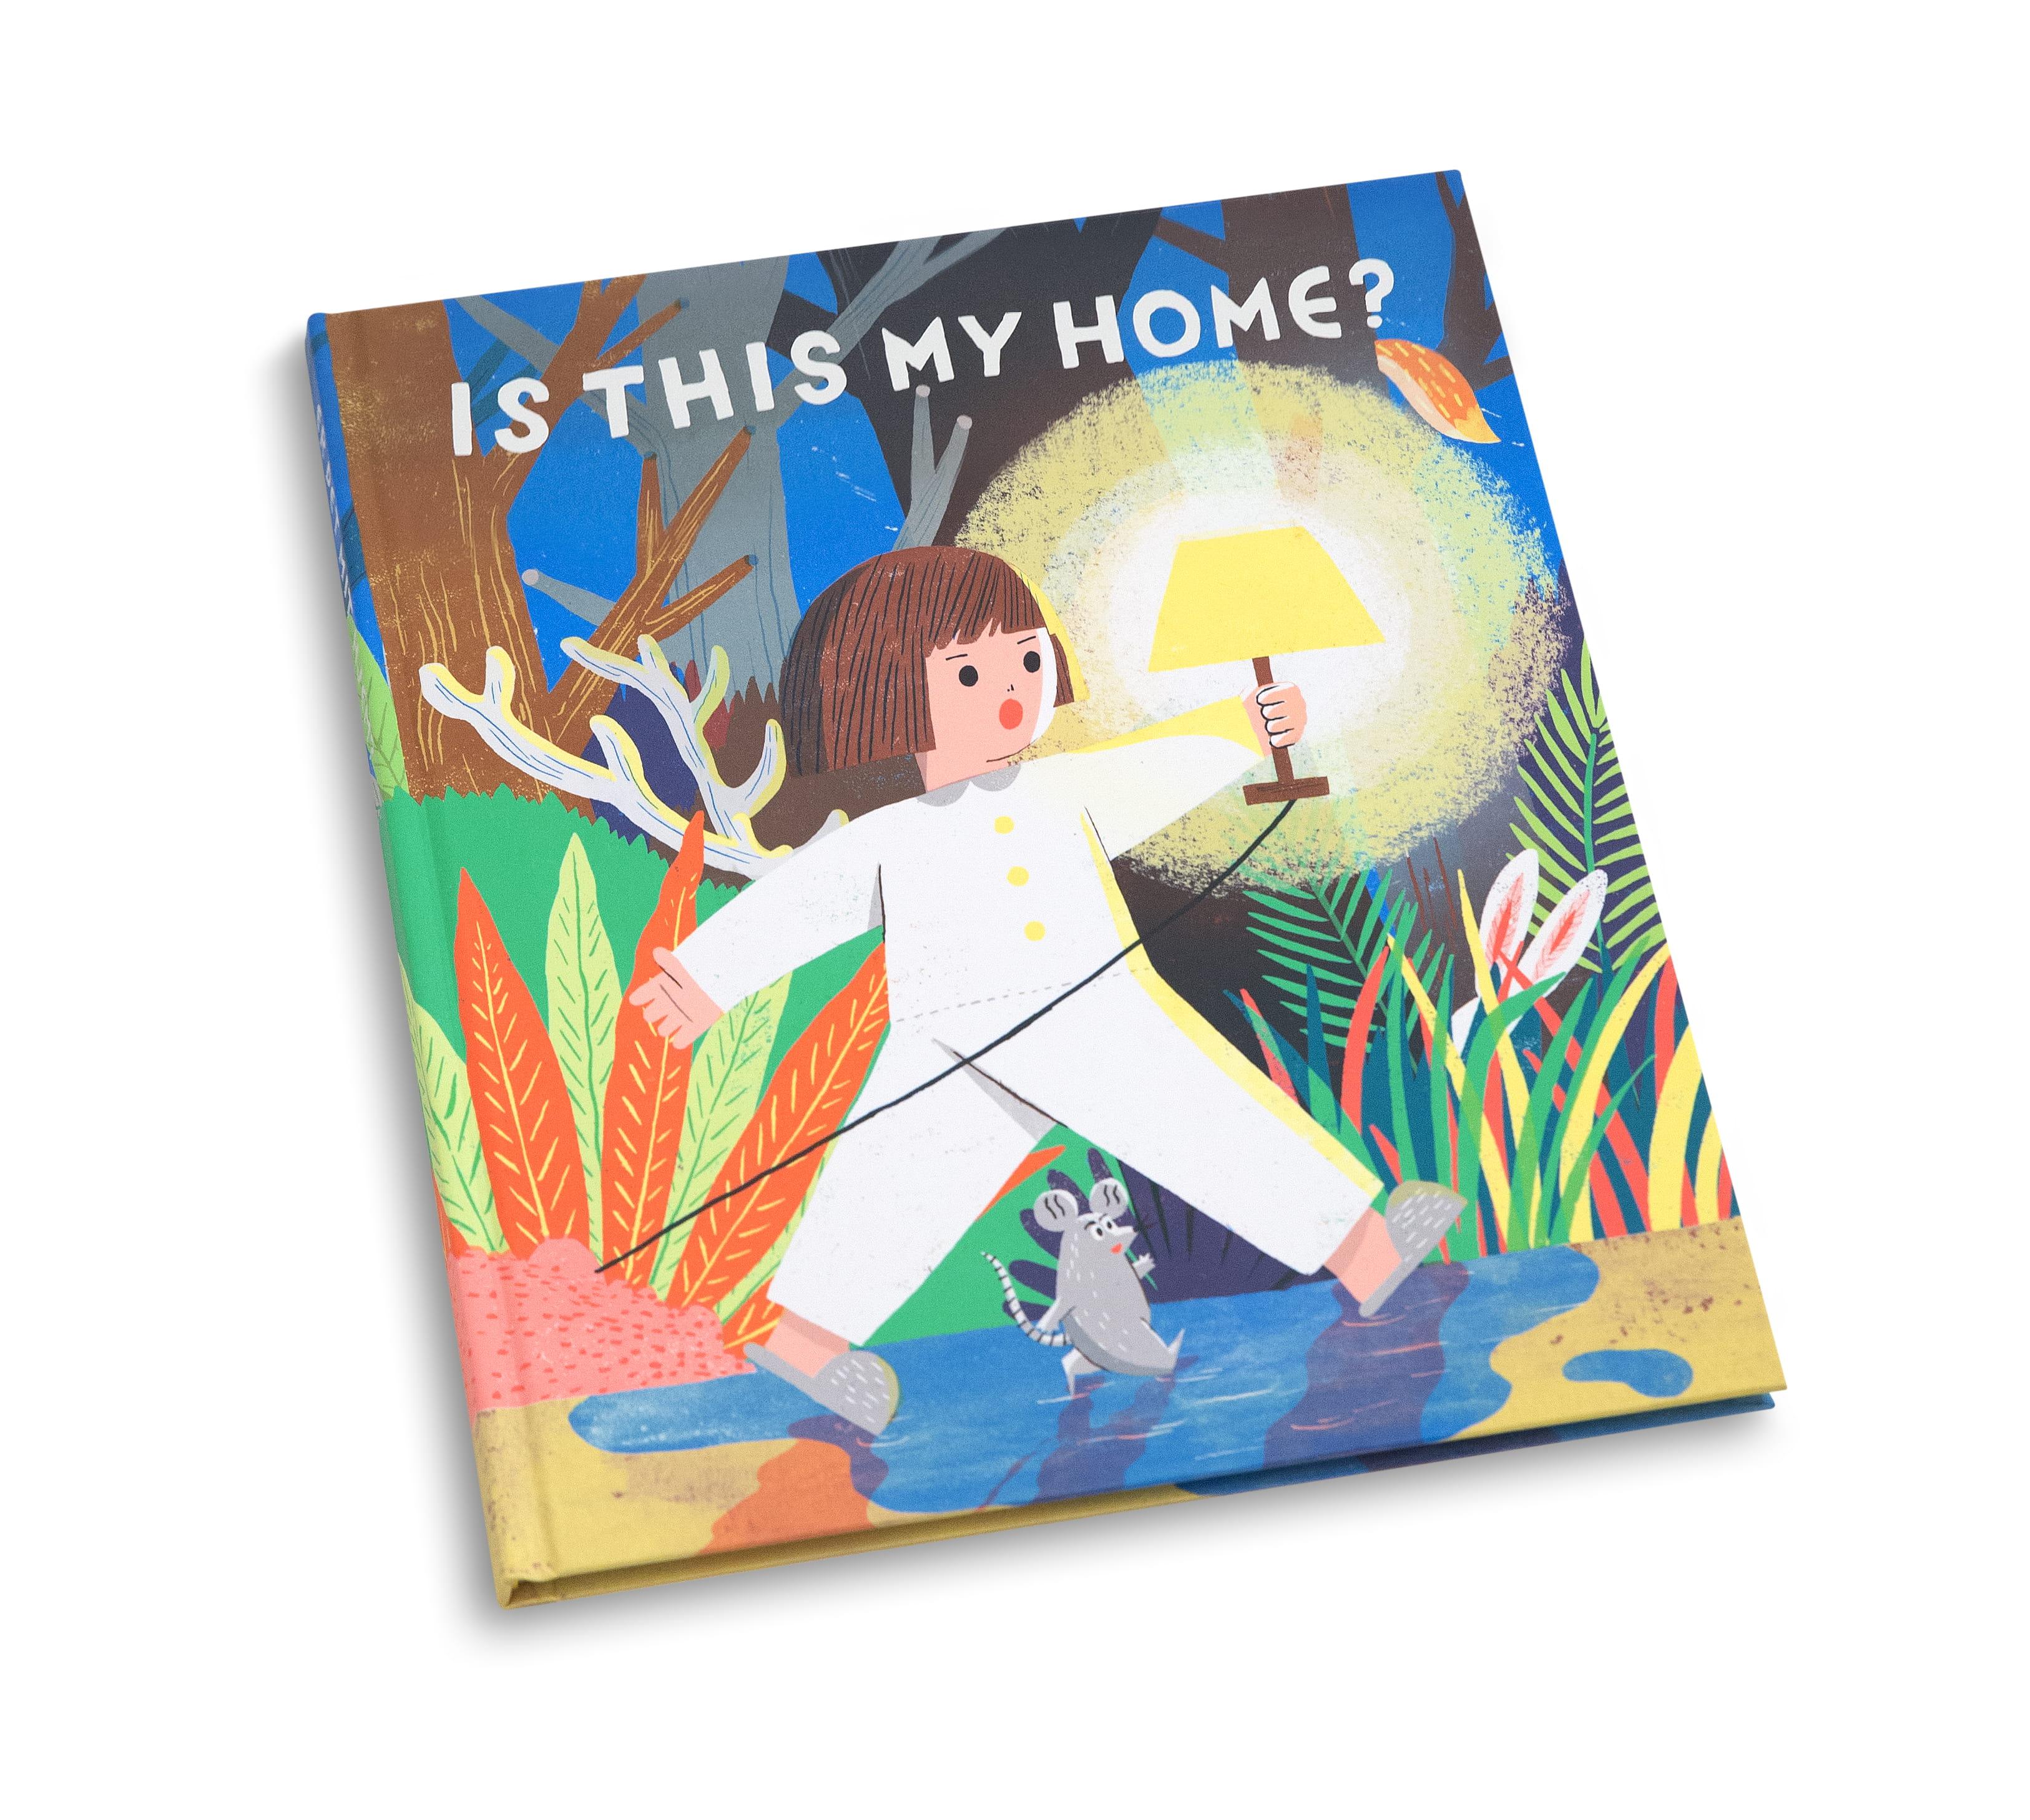 Ørsted Children's Book